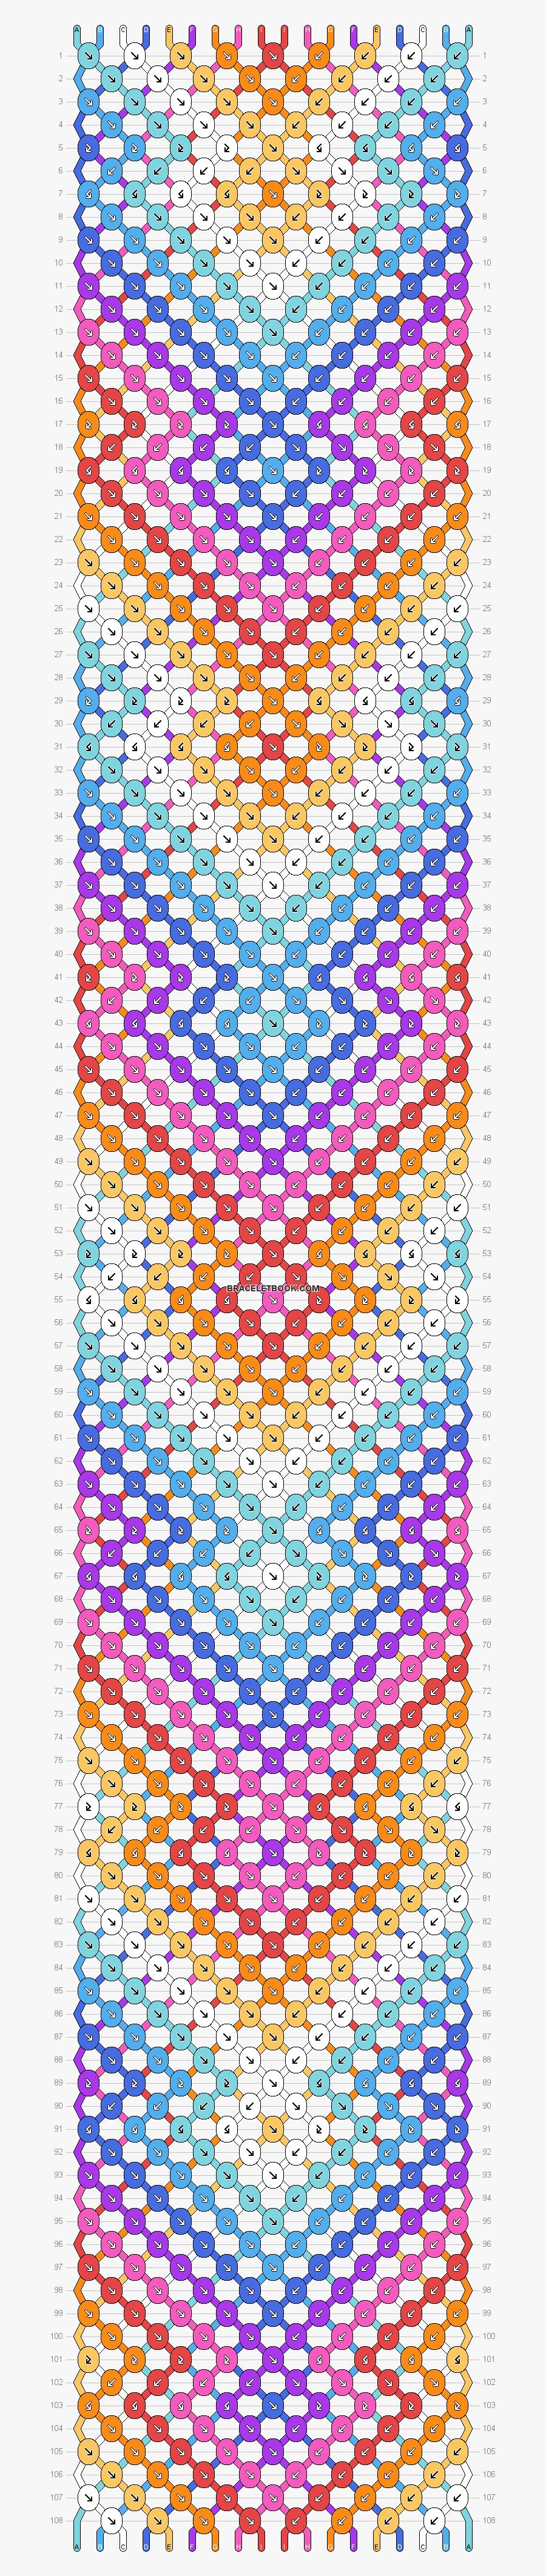 Arrowhead Aztec Friendship Bracelet Pattern, Transparent Clipart